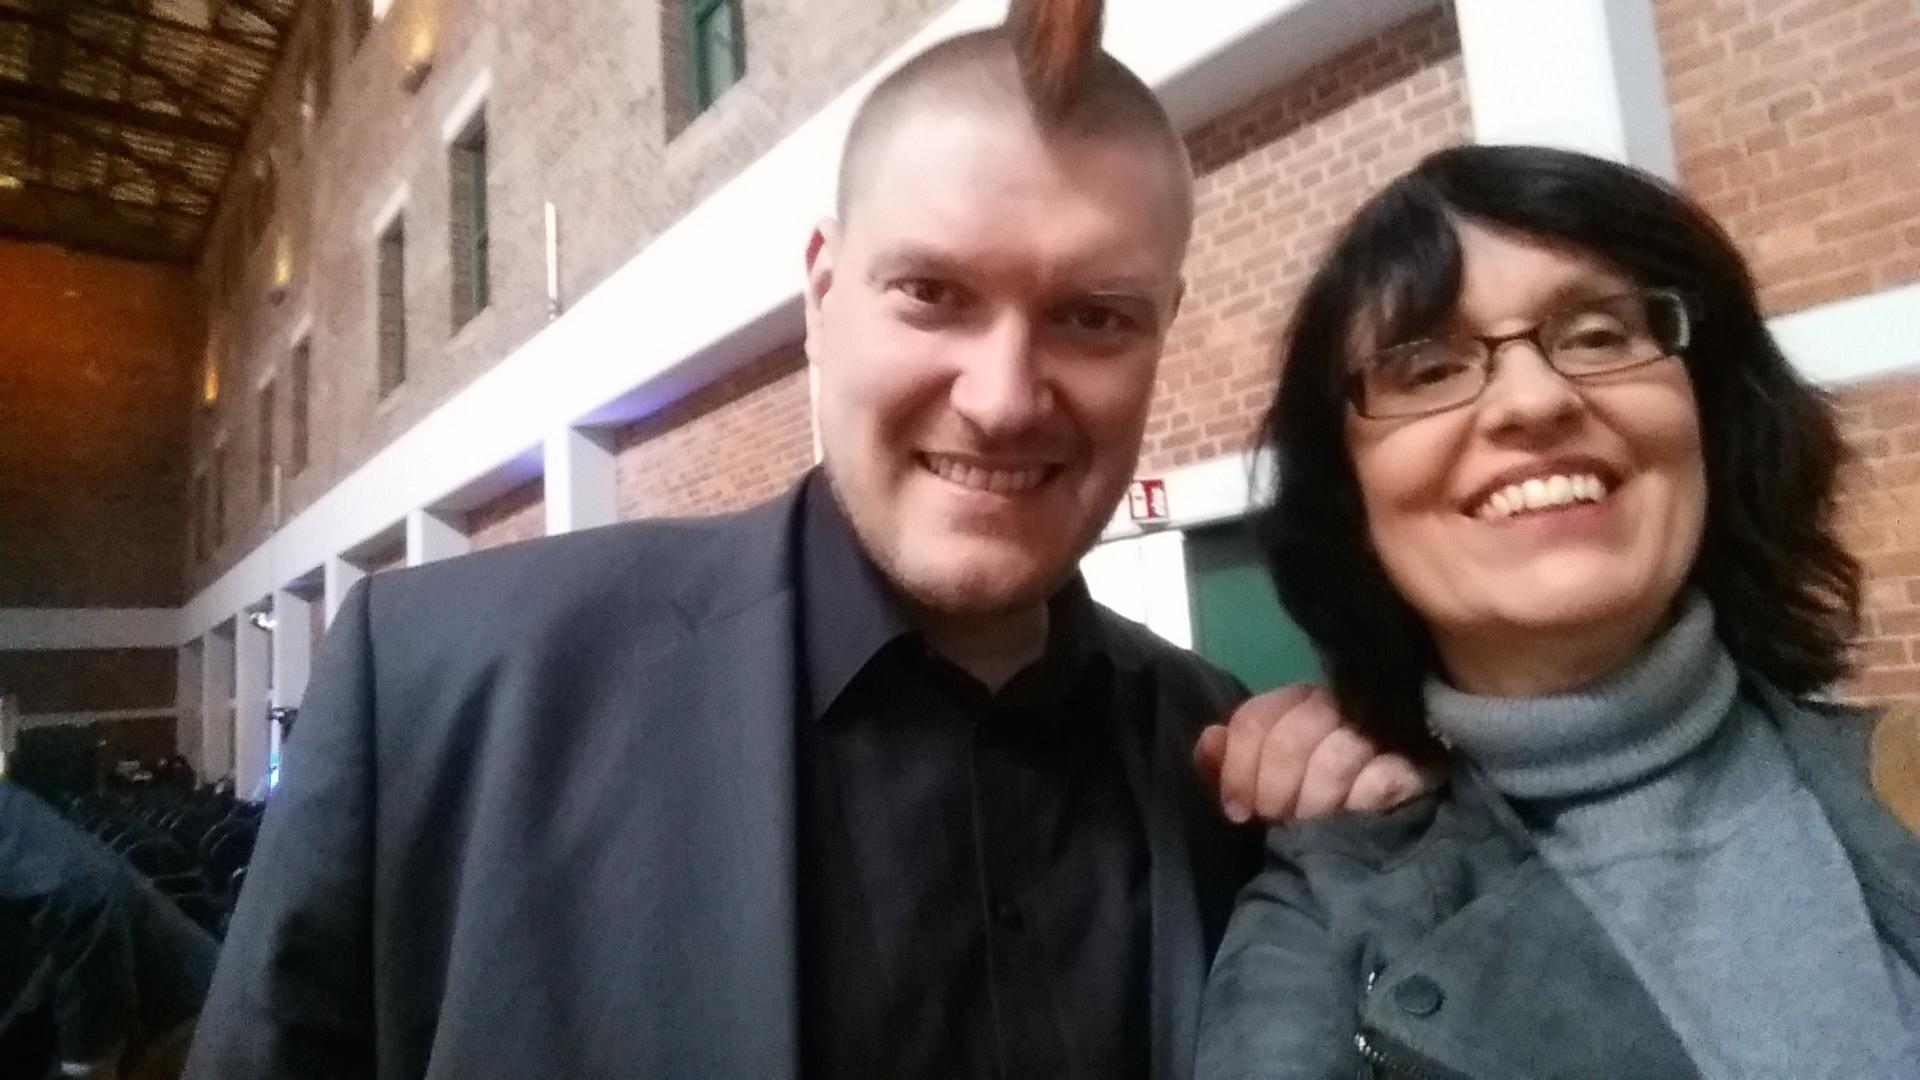 Das ließ ich mir natürlich nicht nehmen! Ein Selfie mit vielleicht dem prominentesten digitalen Vordenker Deutschlands, Sascha Lobo